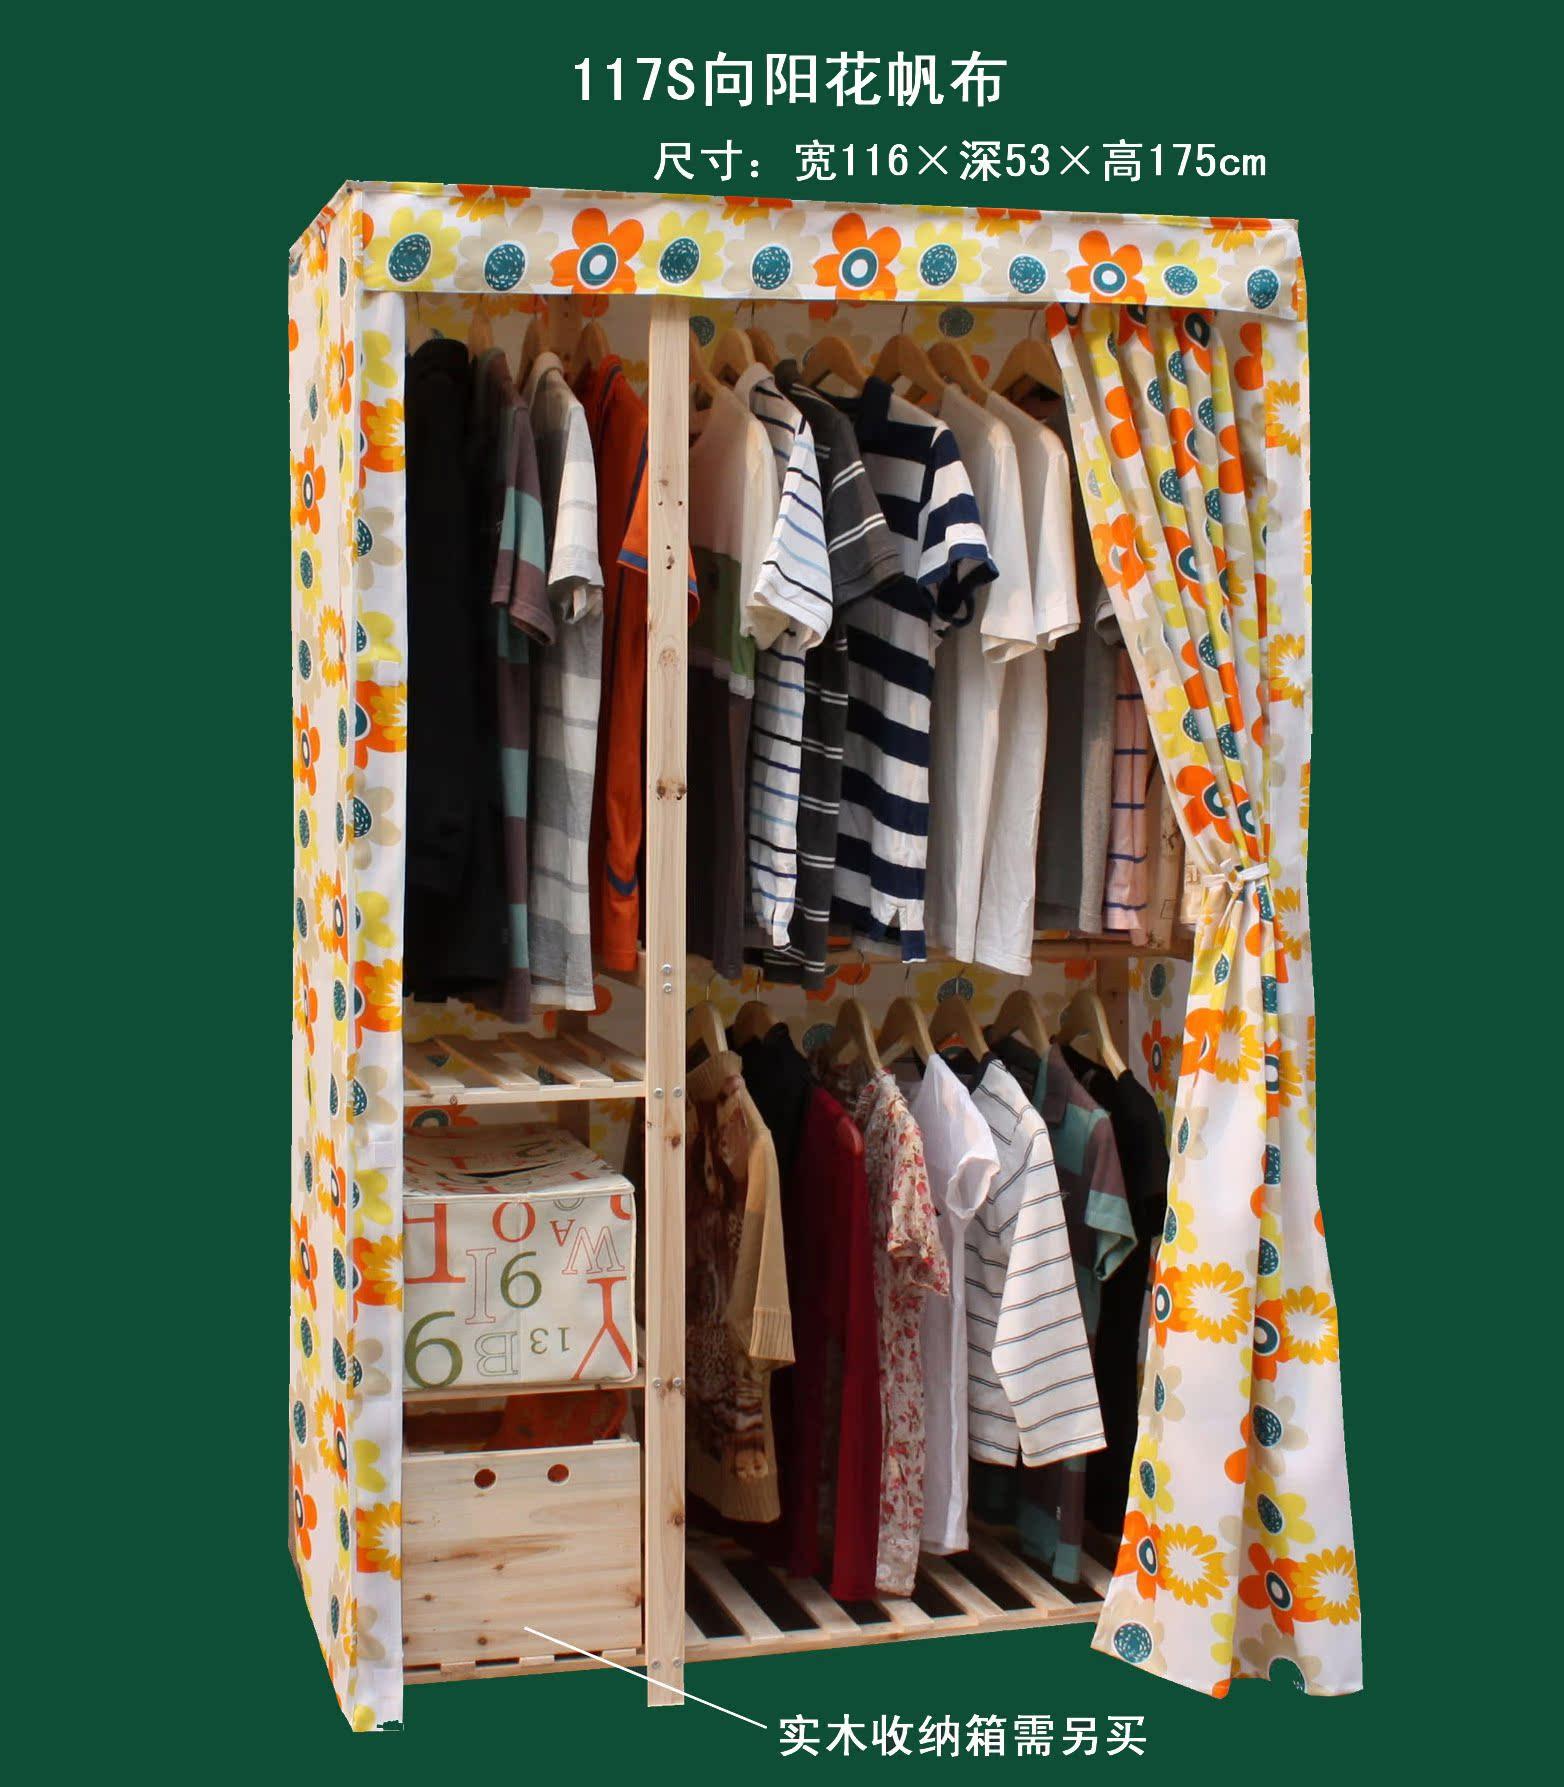 【特价正品】可洗耐磨涤帆布实木简易衣柜/整根宽木柱无拼接/117S